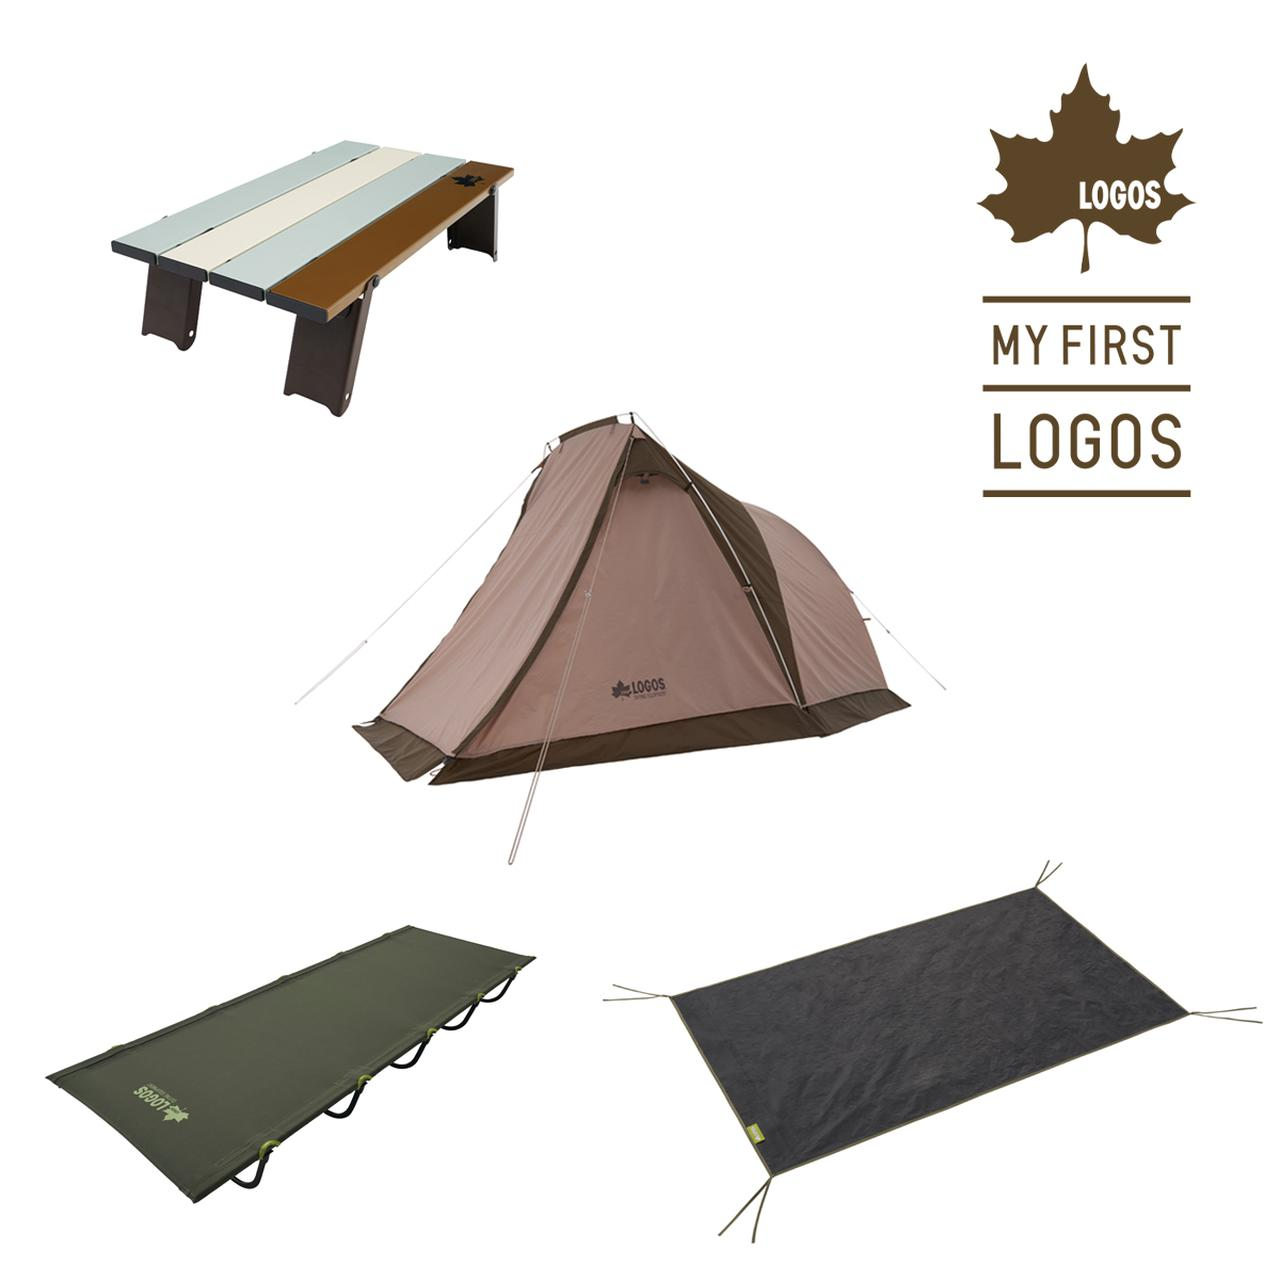 画像2: LOGOS(ロゴス) バイク・キャンプに最適化された「ツーリングテント&タープ」シリーズ5種 新発売!